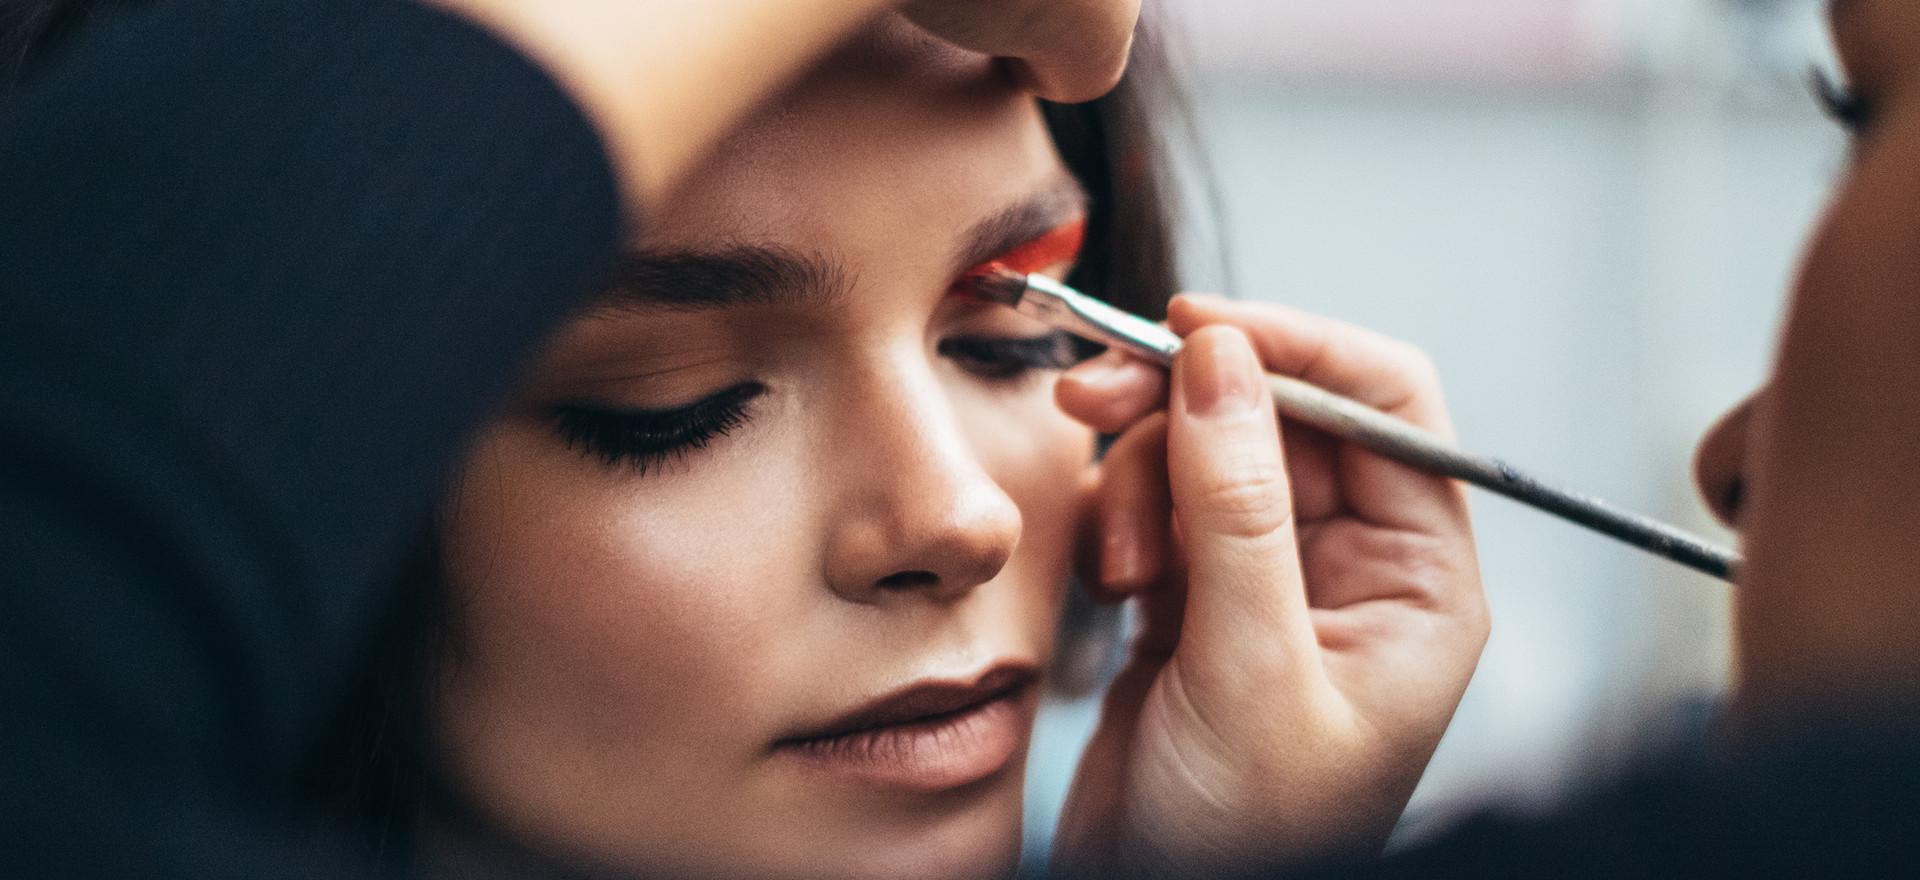 Makeup-Artist  Make up kurs für Friseure